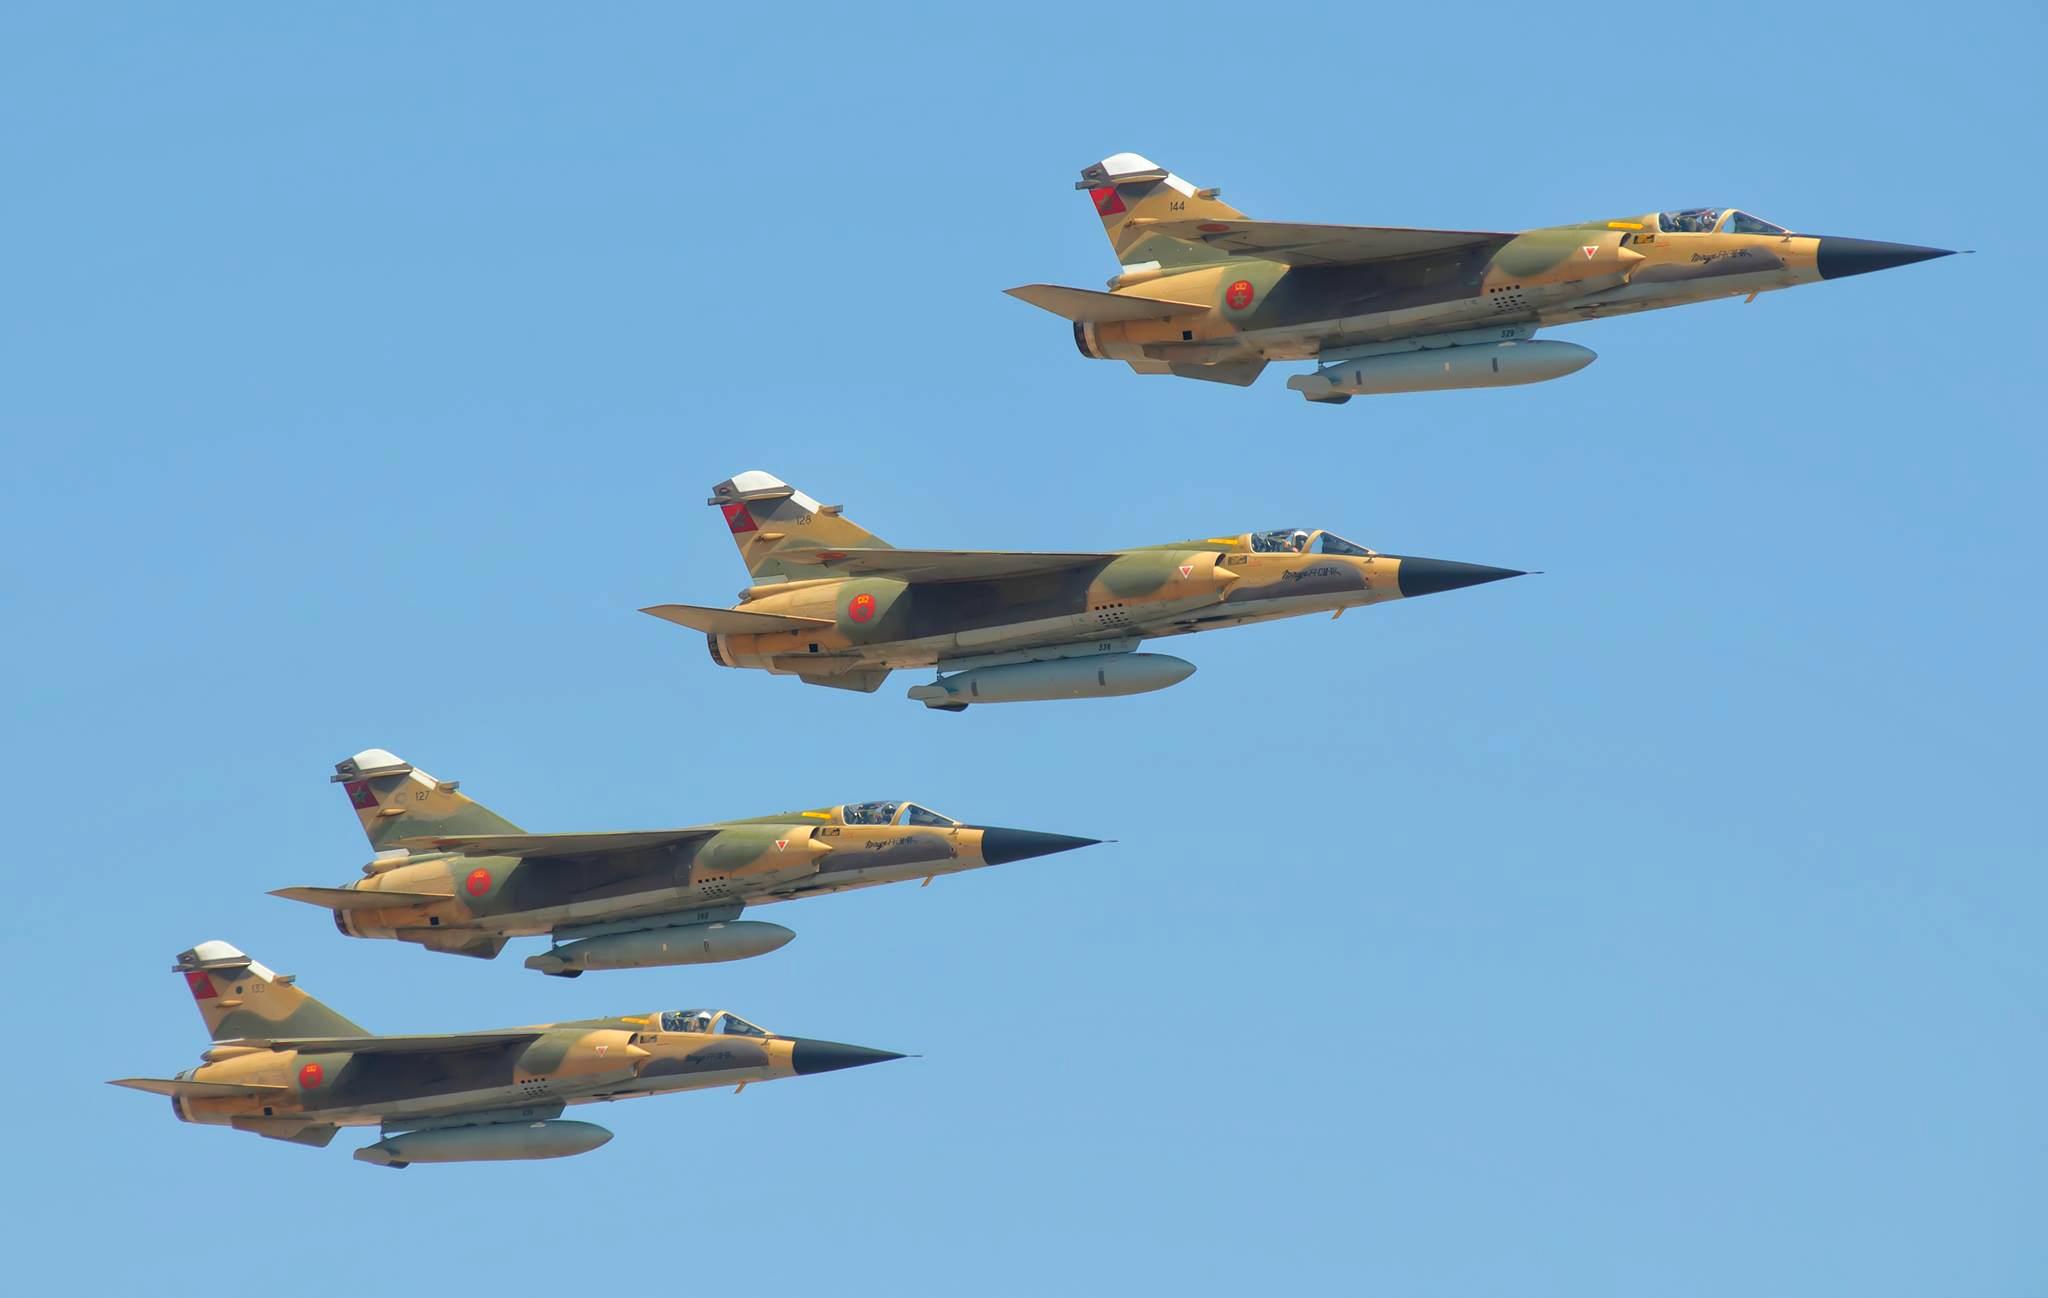 القوات الجوية الملكية المغربية - متجدد - - صفحة 2 160201055955813156